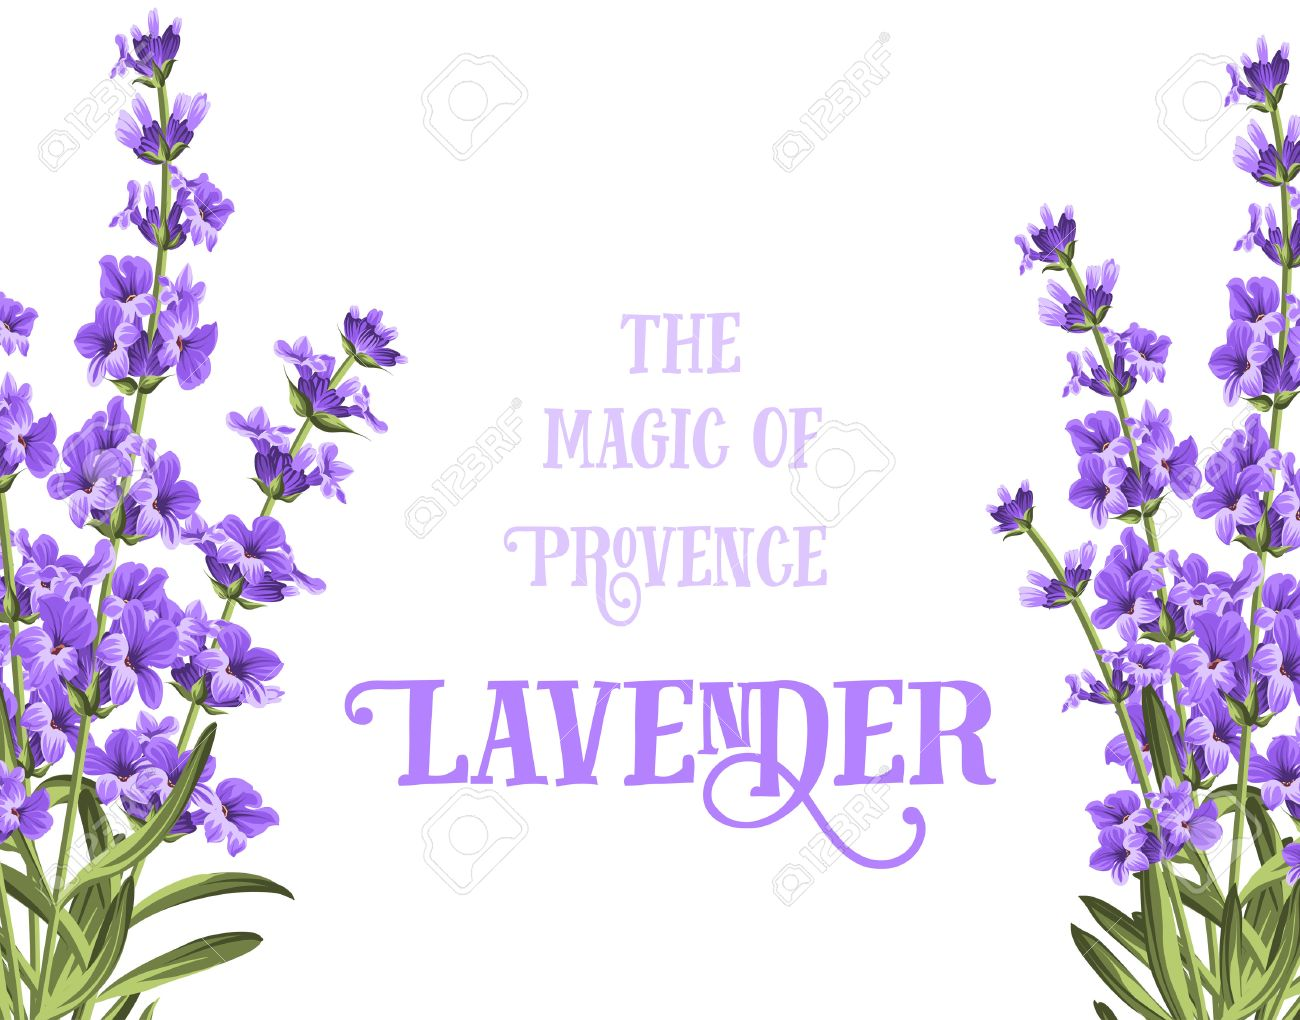 Erfreut Lavendel Bilderrahmen Fotos - Benutzerdefinierte ...